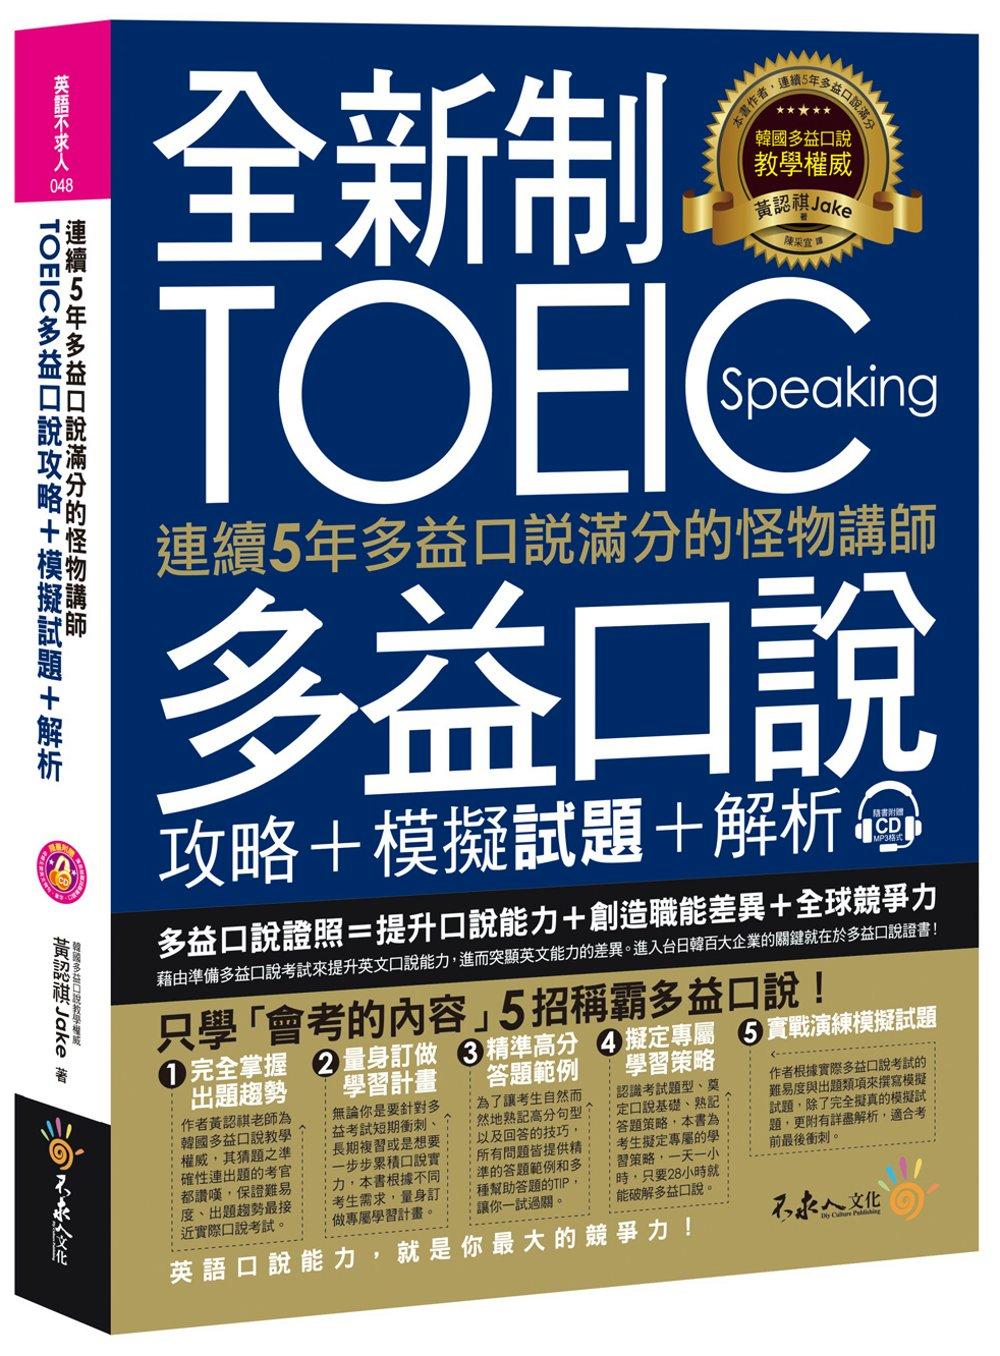 連續5年多益口說滿分的怪物講師TOEIC多益口說攻略+模擬試題+解析(附1CD+防水書套)